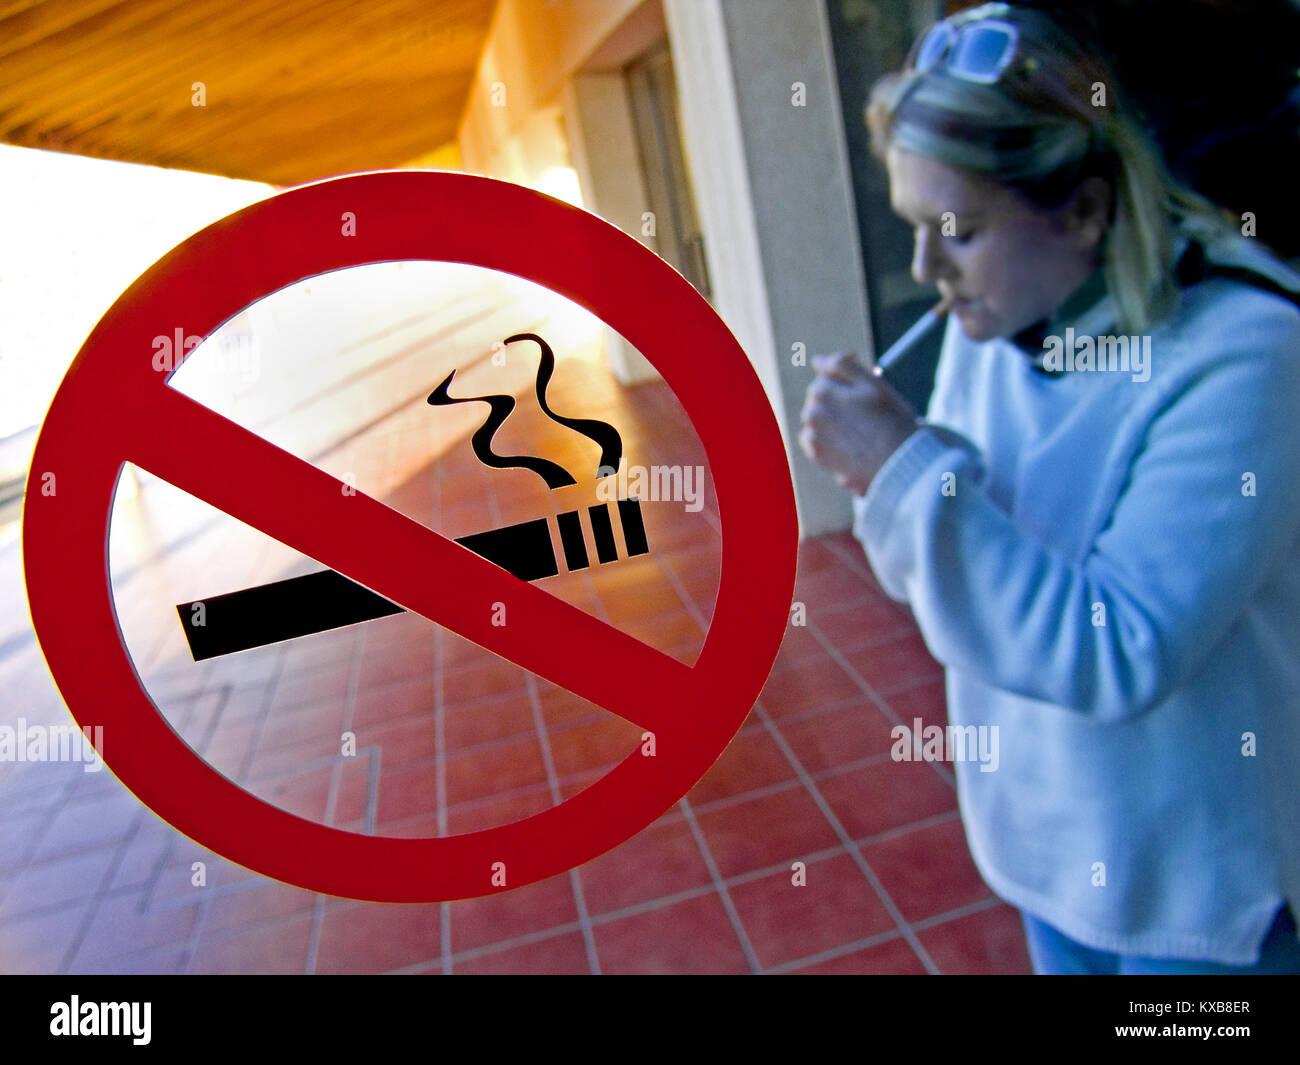 Nichtraucher datieren Raucher